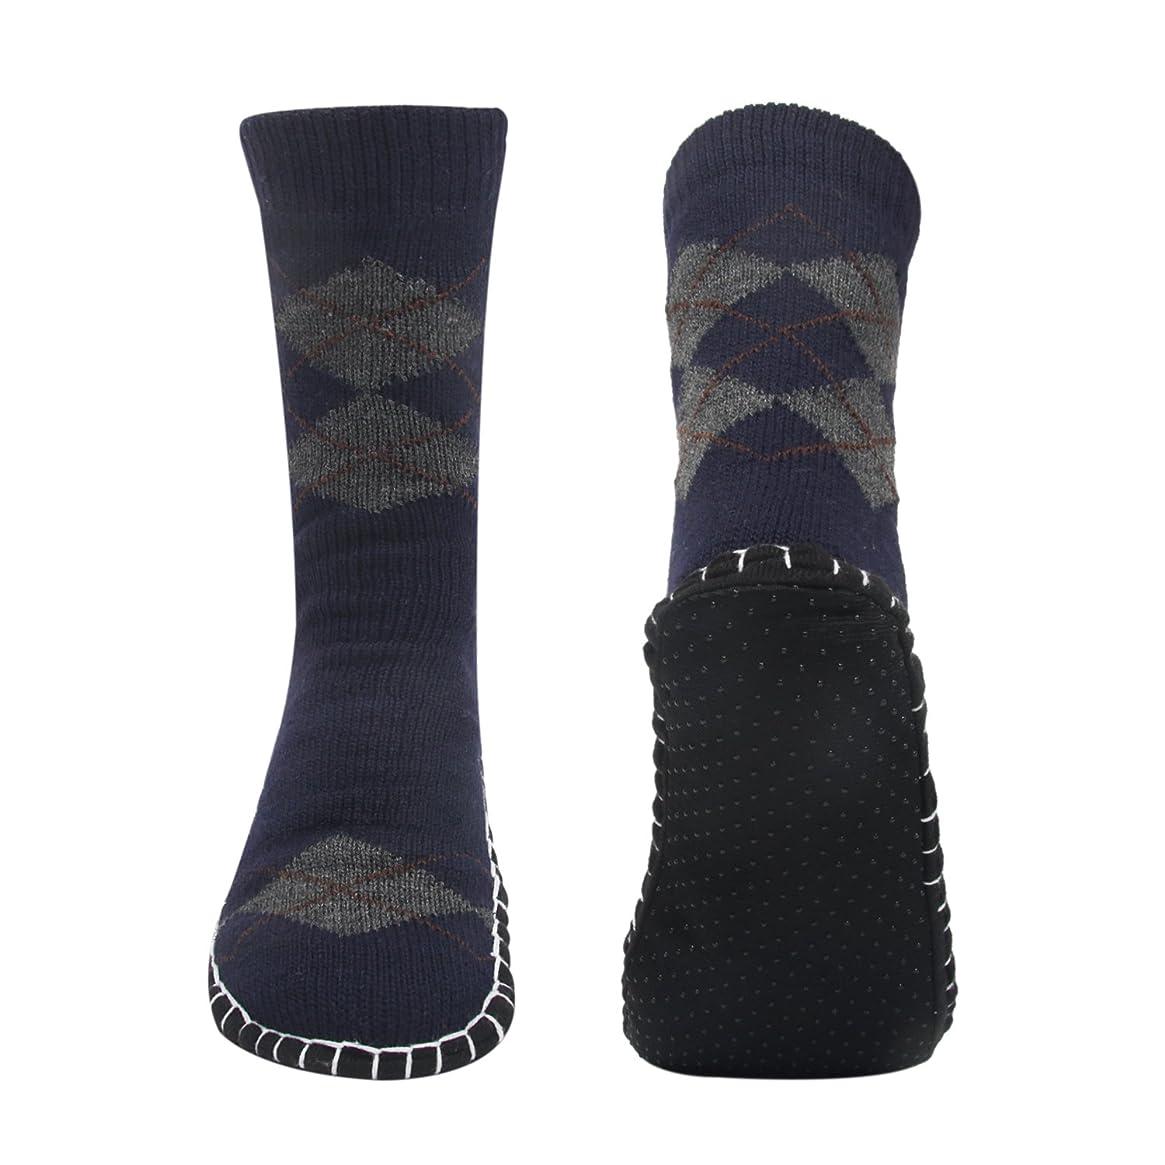 起訴するスロープセンブランスルームソックス メンズ靴下 室内履き ルームシューズ 滑り止め加工 自宅仕事用 ニット 暖かい もこもこ 寒気防止 両足温める 柔軟 編み物 24-28cm